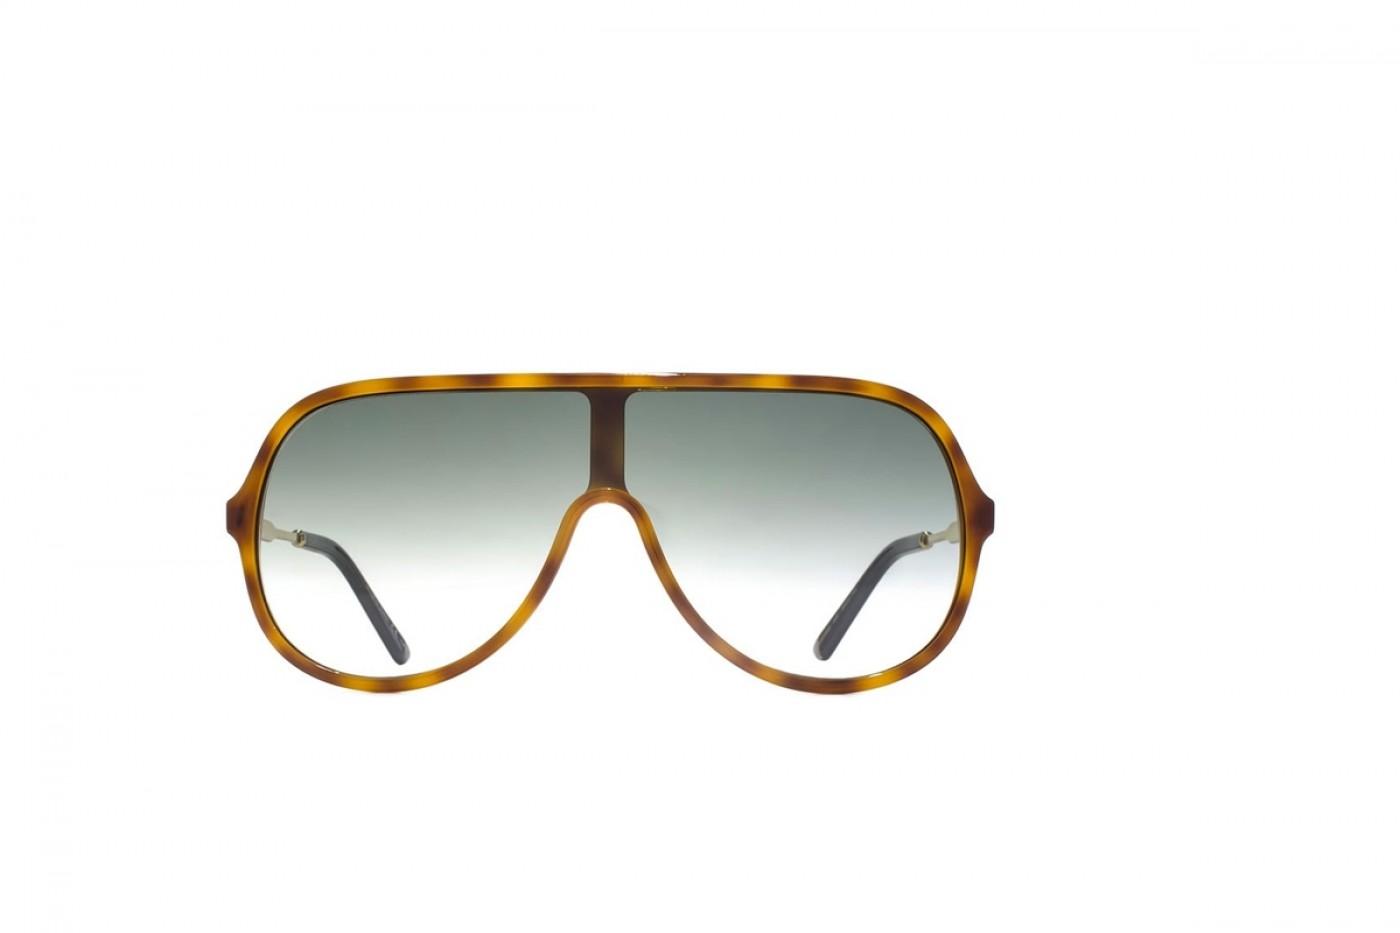 bc7edc2cf4d GUCCI 0199S 004 99 - Sunglasses